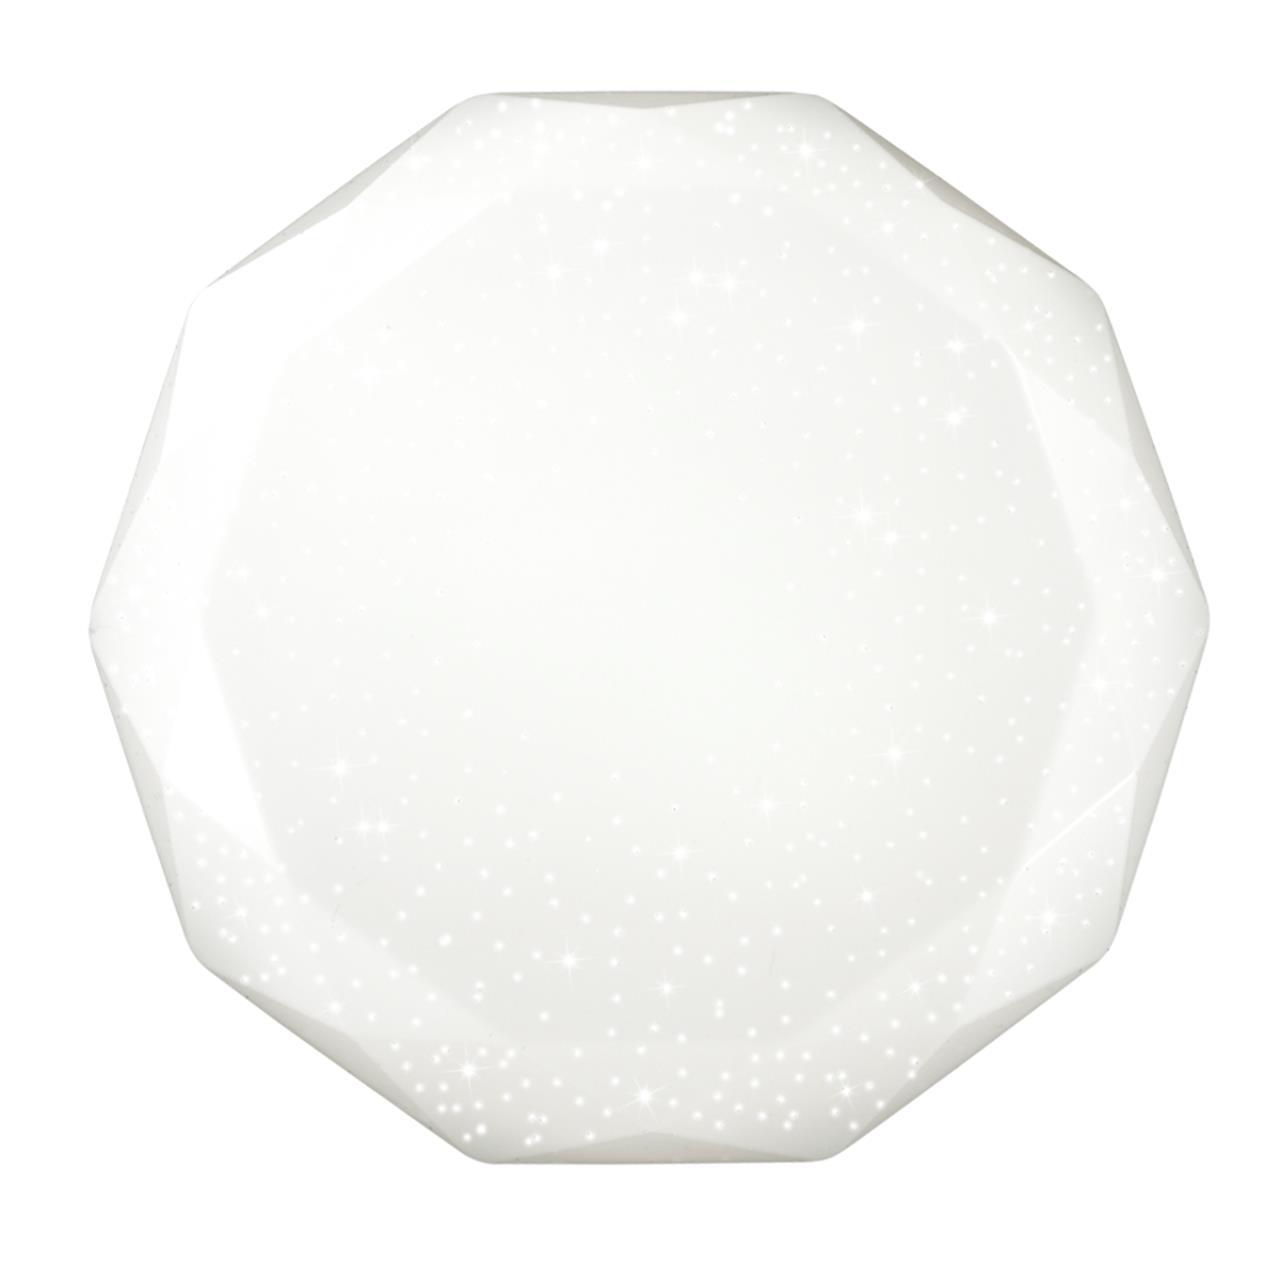 2012/FL SN 051 св-к TORA пластик LED 90Вт 3200-4200-6200K D575 IP43 пульт ДУ